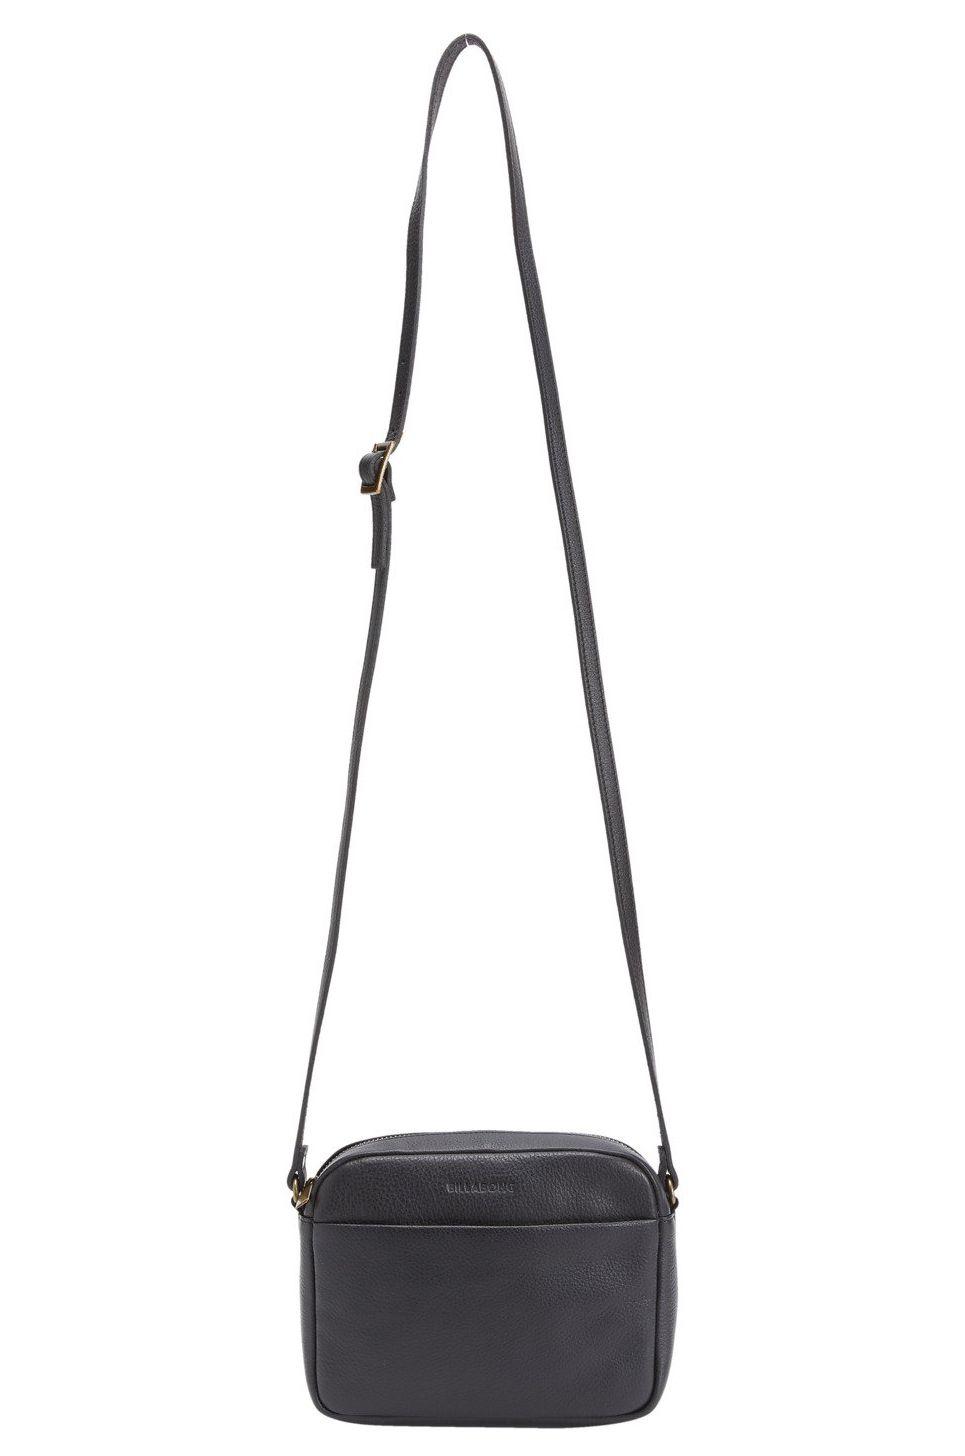 Billabong Bag  GIVE IN Black